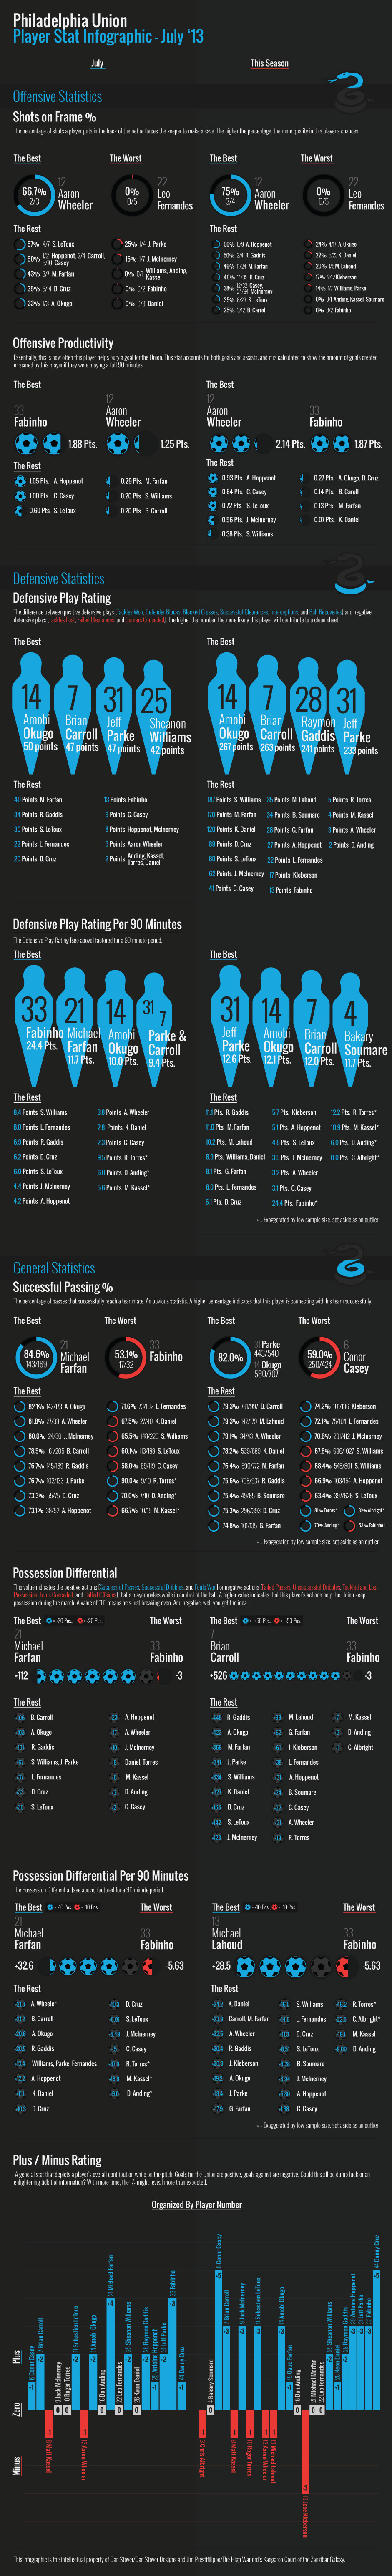 Infographic_7-13